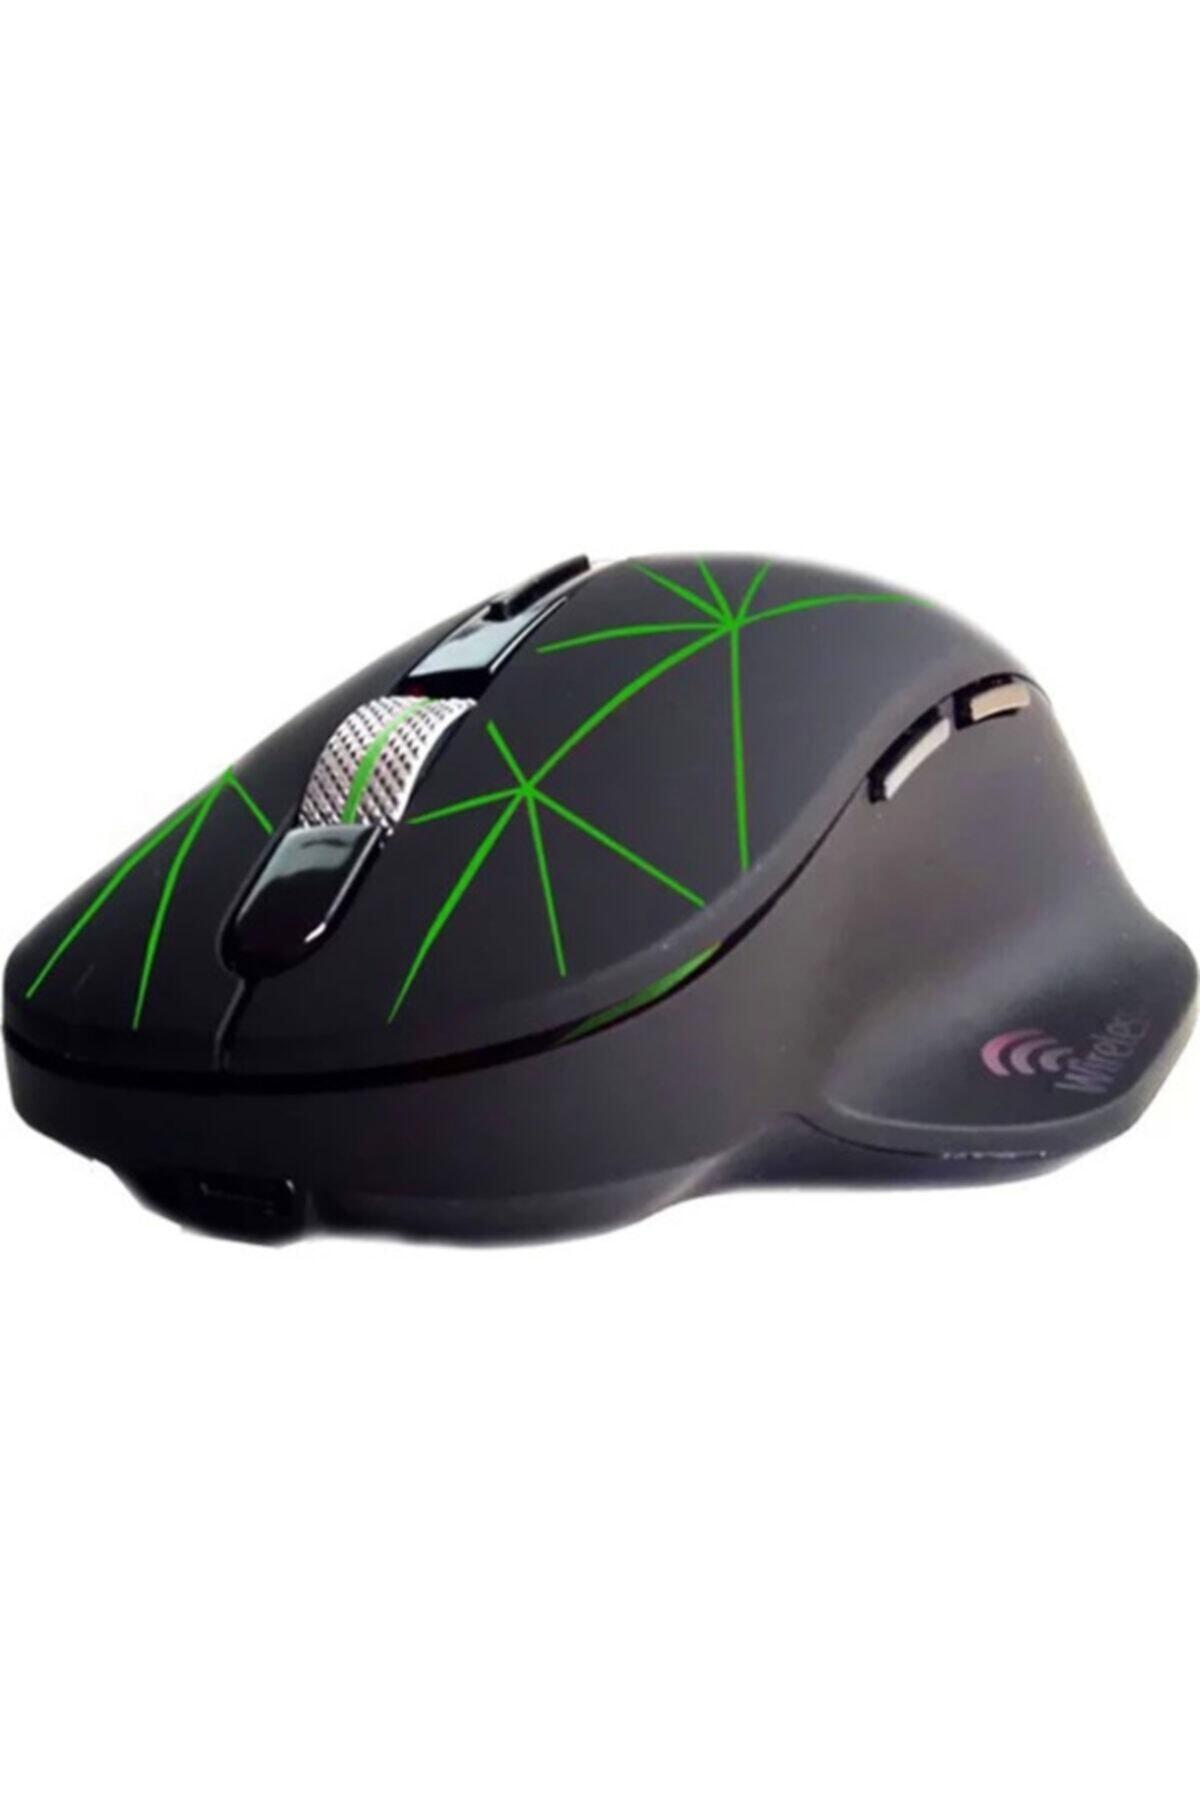 Inca Iwm-551 Kablosuz Usb+type C Şarj Edilebilir 1600dpi Mouse Sessiz